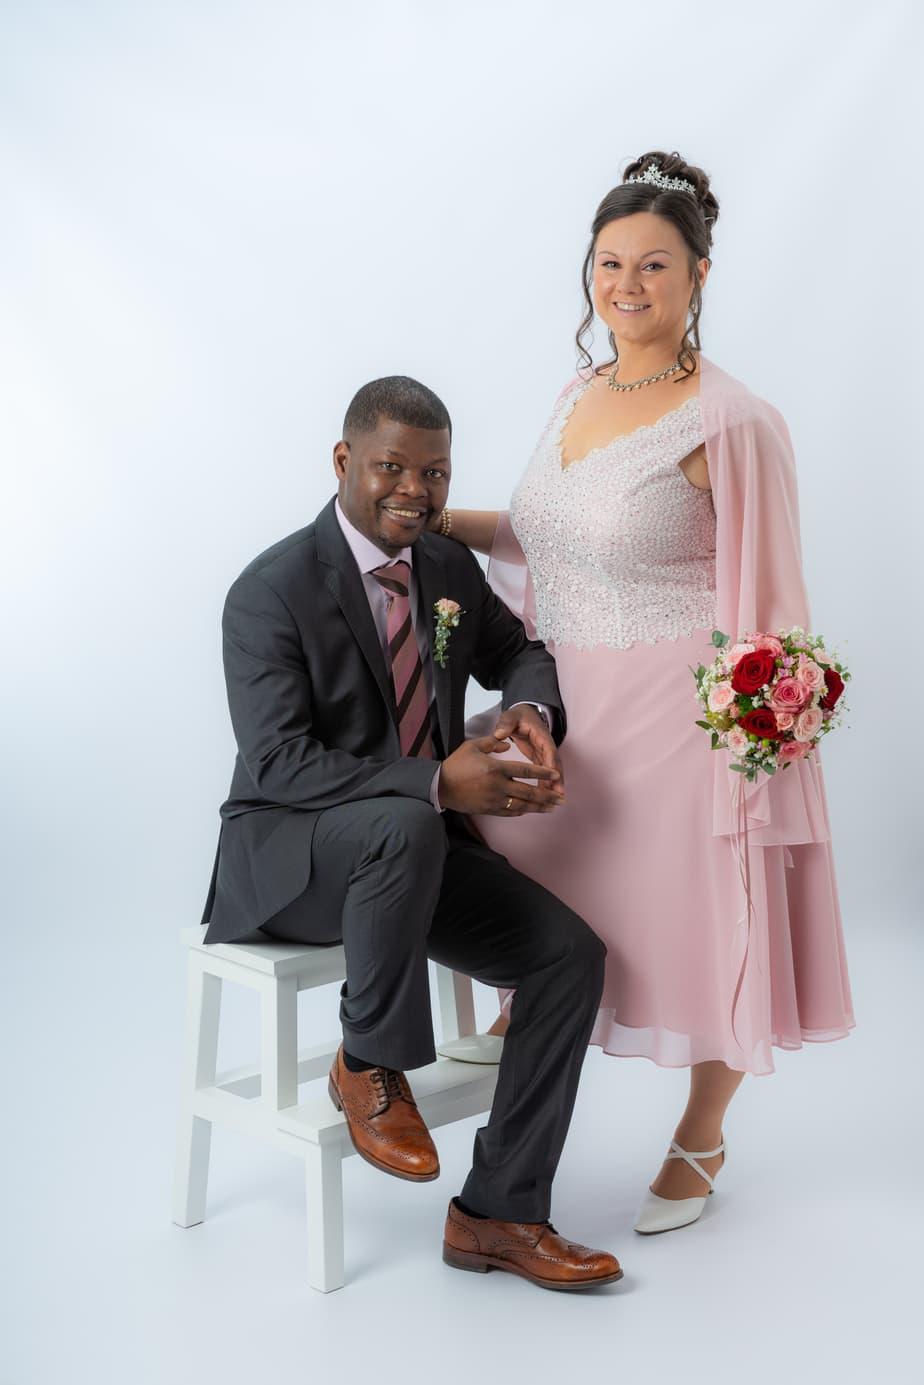 Hochzeitsbild im Studio zur standesamtlichen Trauung